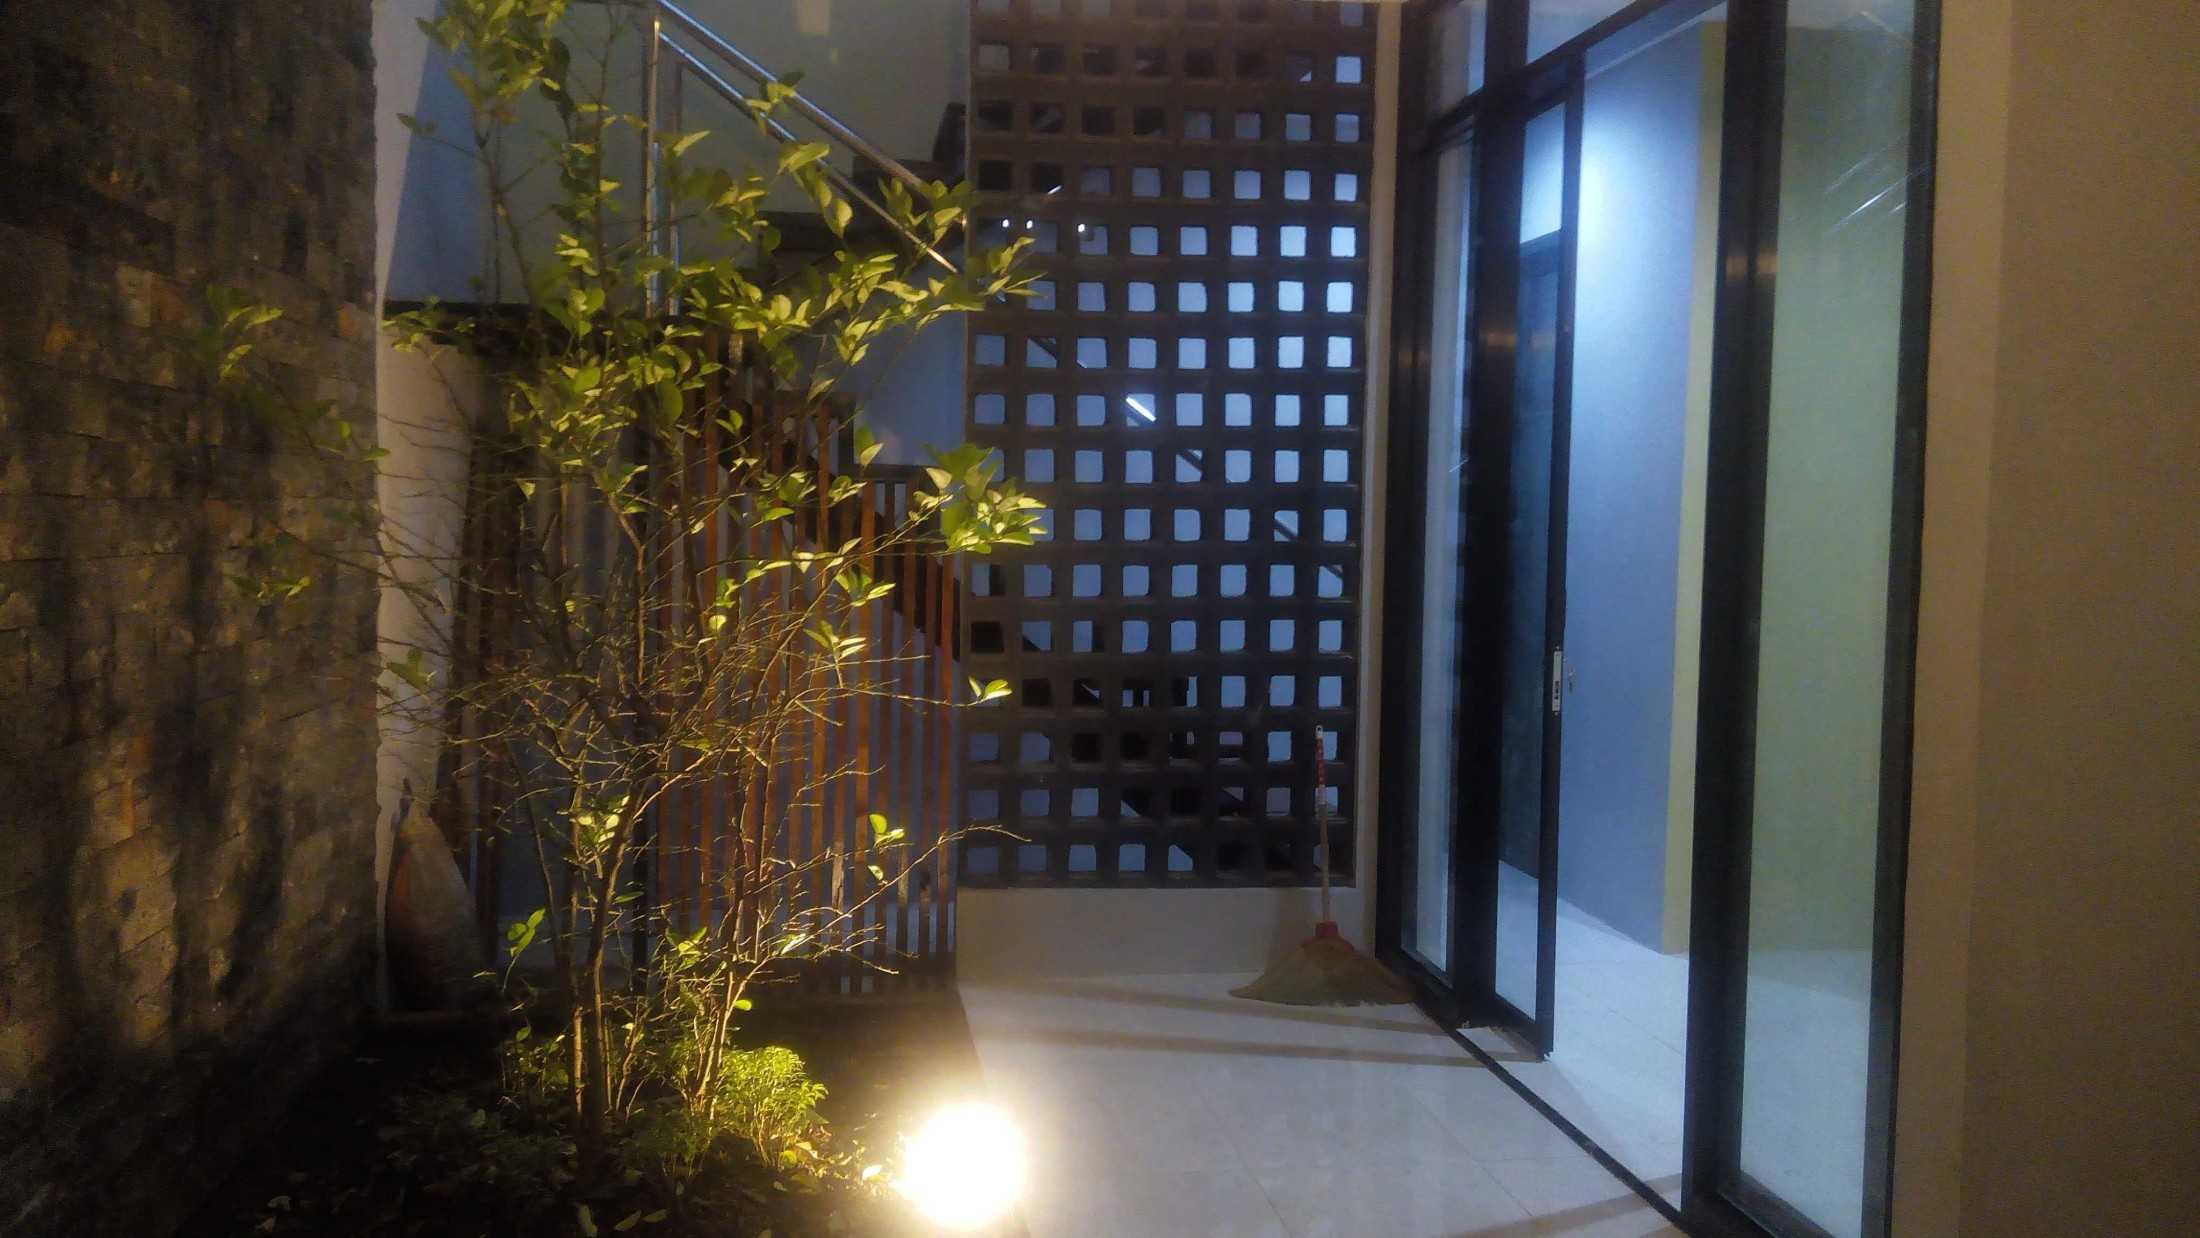 Astabumi Studio Omah Taman Singgah Tegal Tegal, Kota Tegal, Jawa Tengah, Indonesia Tegal, Kota Tegal, Jawa Tengah, Indonesia Astabumi-Architect-Interior-Design-Omah-Taman-Singgah-Tegal  84028